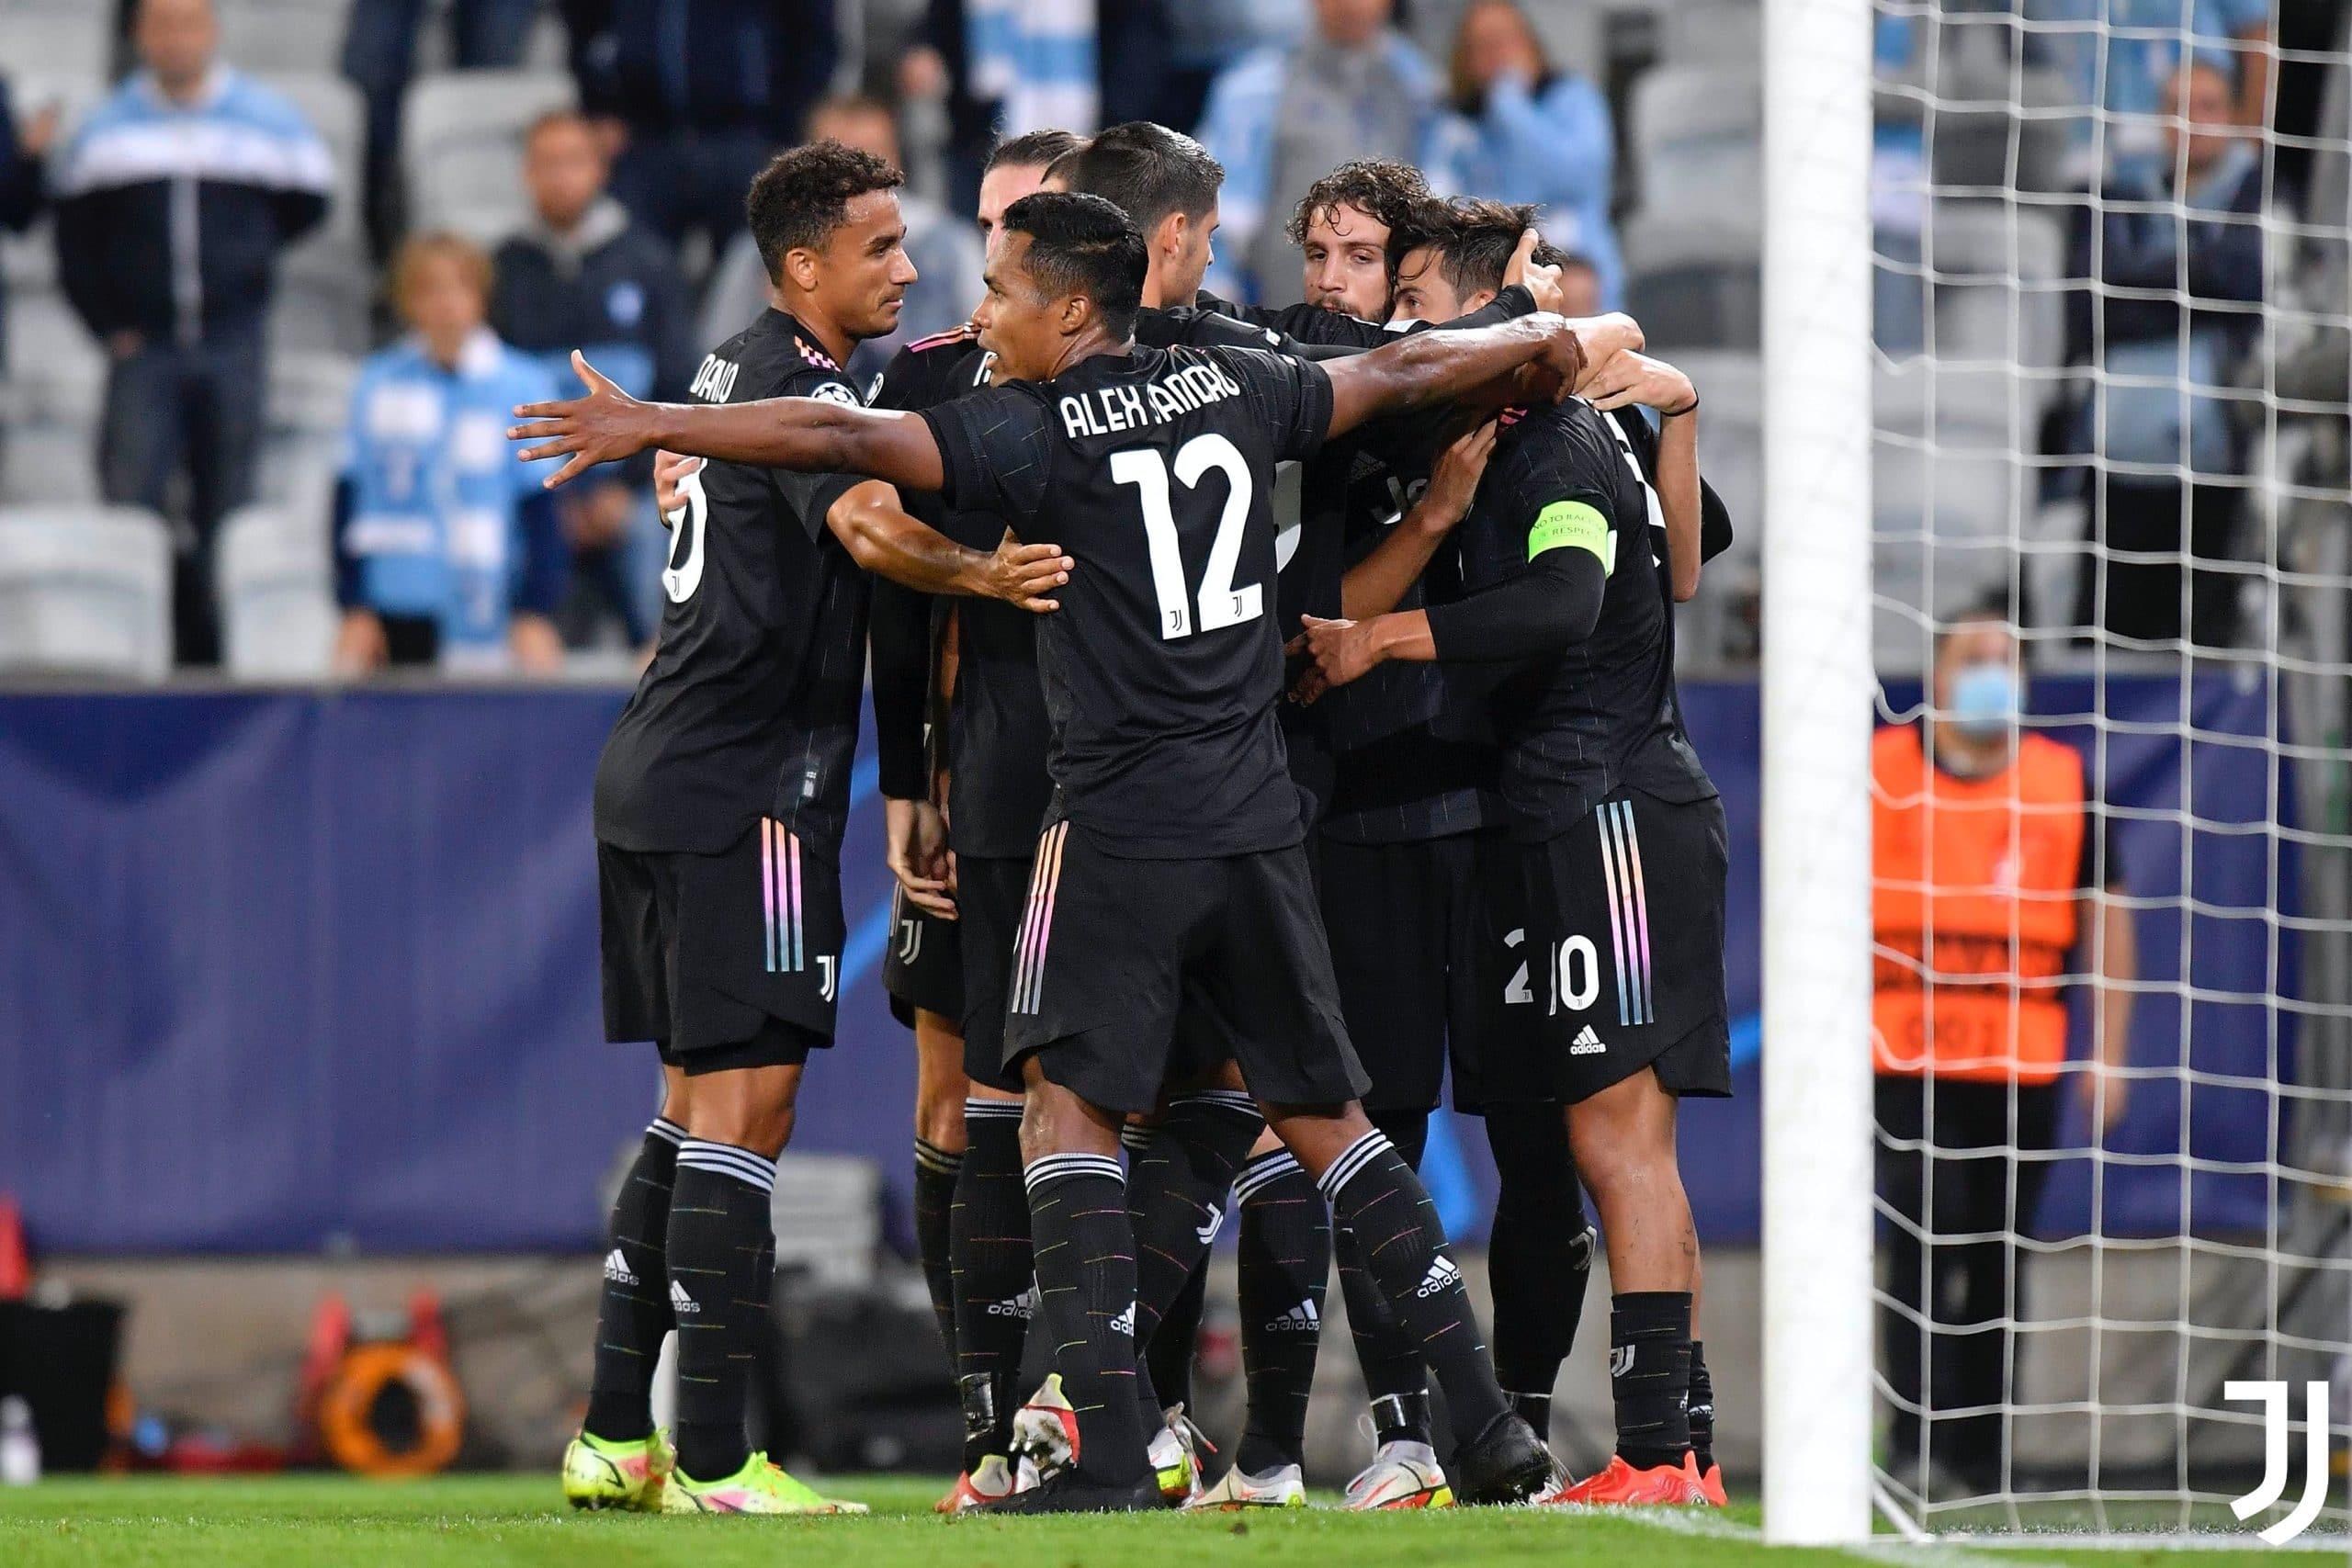 احتفال فريق يوفنتوس بإحراز أحد أهدافه في شباك فريق مالمو السويدي